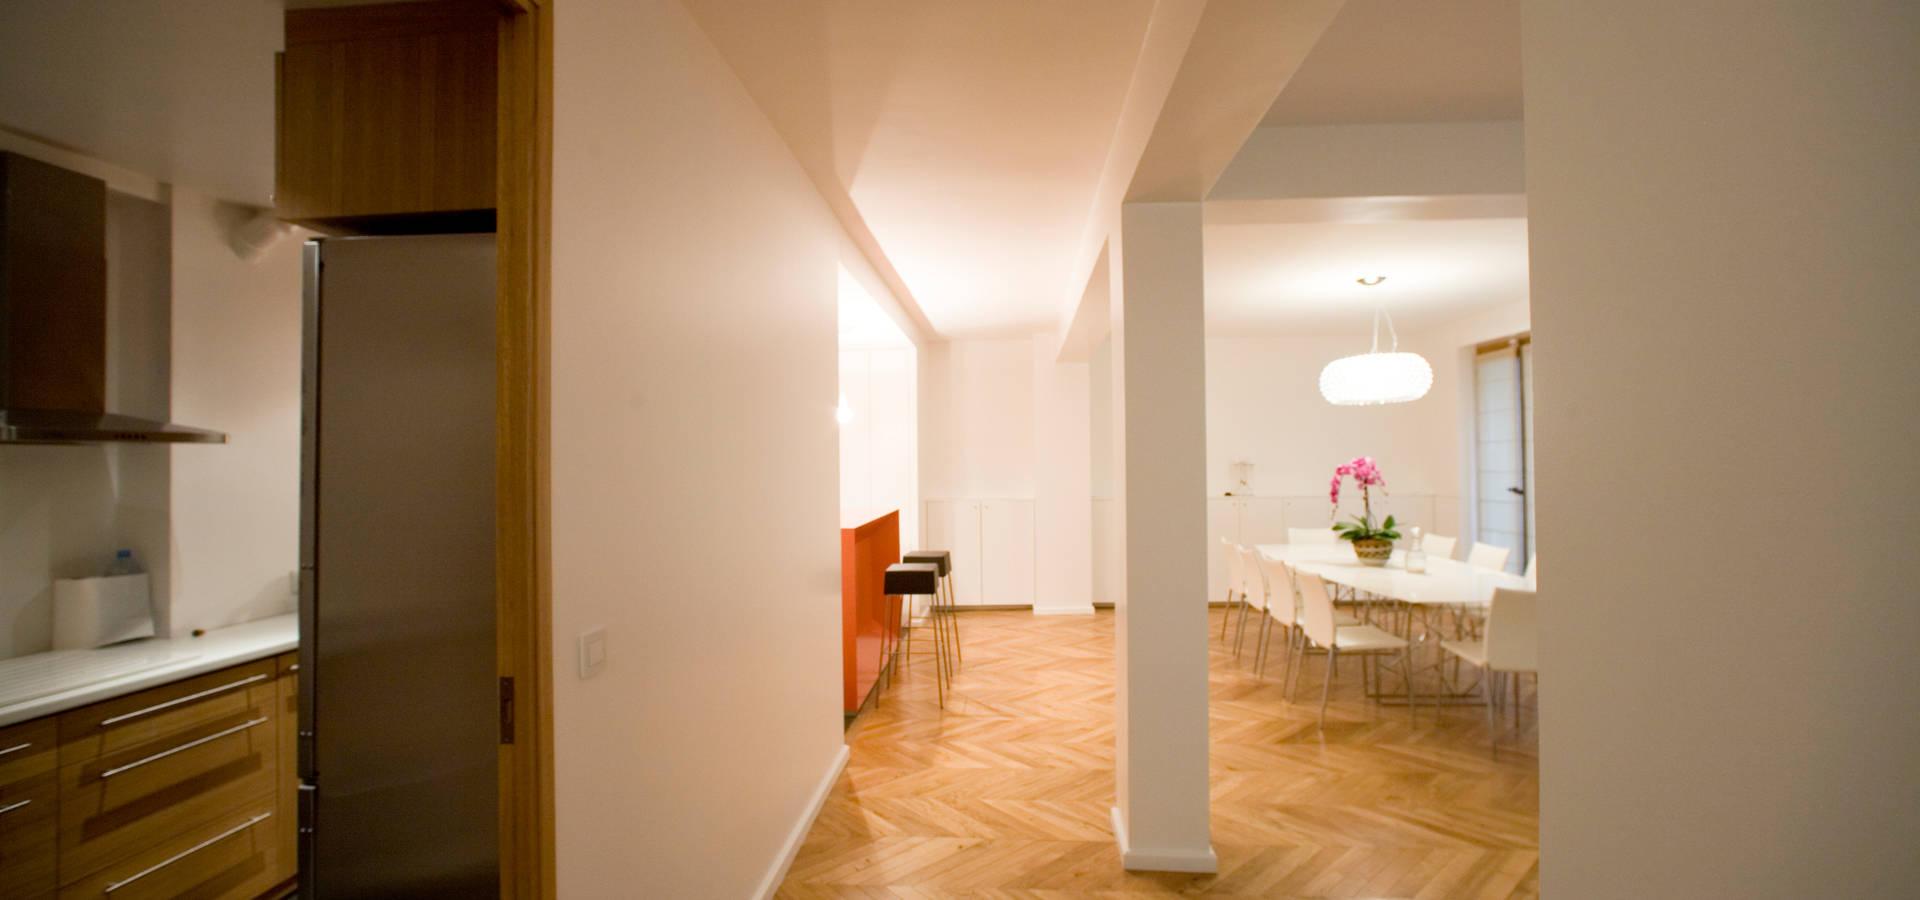 barbara sterkers architecte d 39 int rieur architectes d 39 int rieur paris sur homify. Black Bedroom Furniture Sets. Home Design Ideas